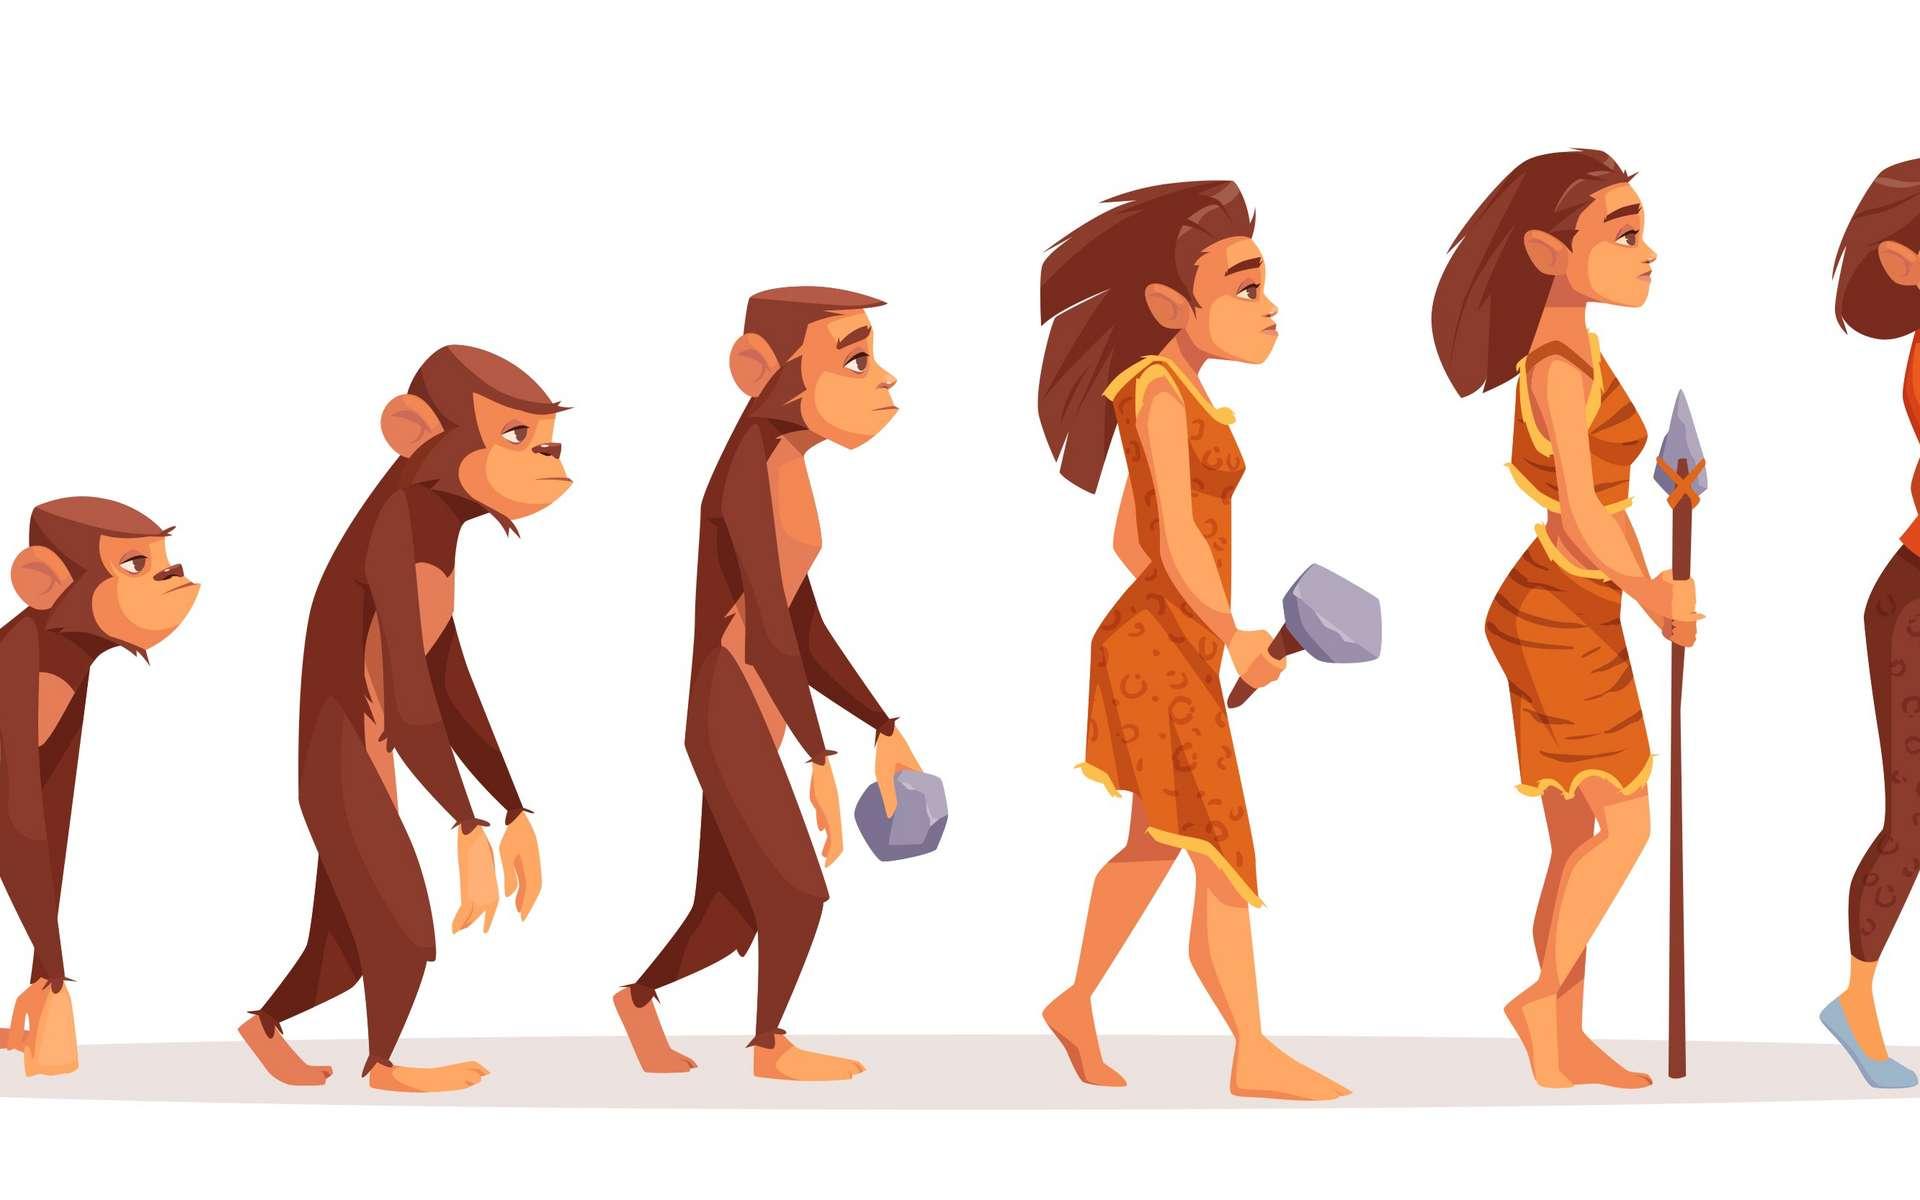 D'après des chercheurs, l'humain présente des traces génomiques de domestication. © Vectorpouch, Adobe Stock